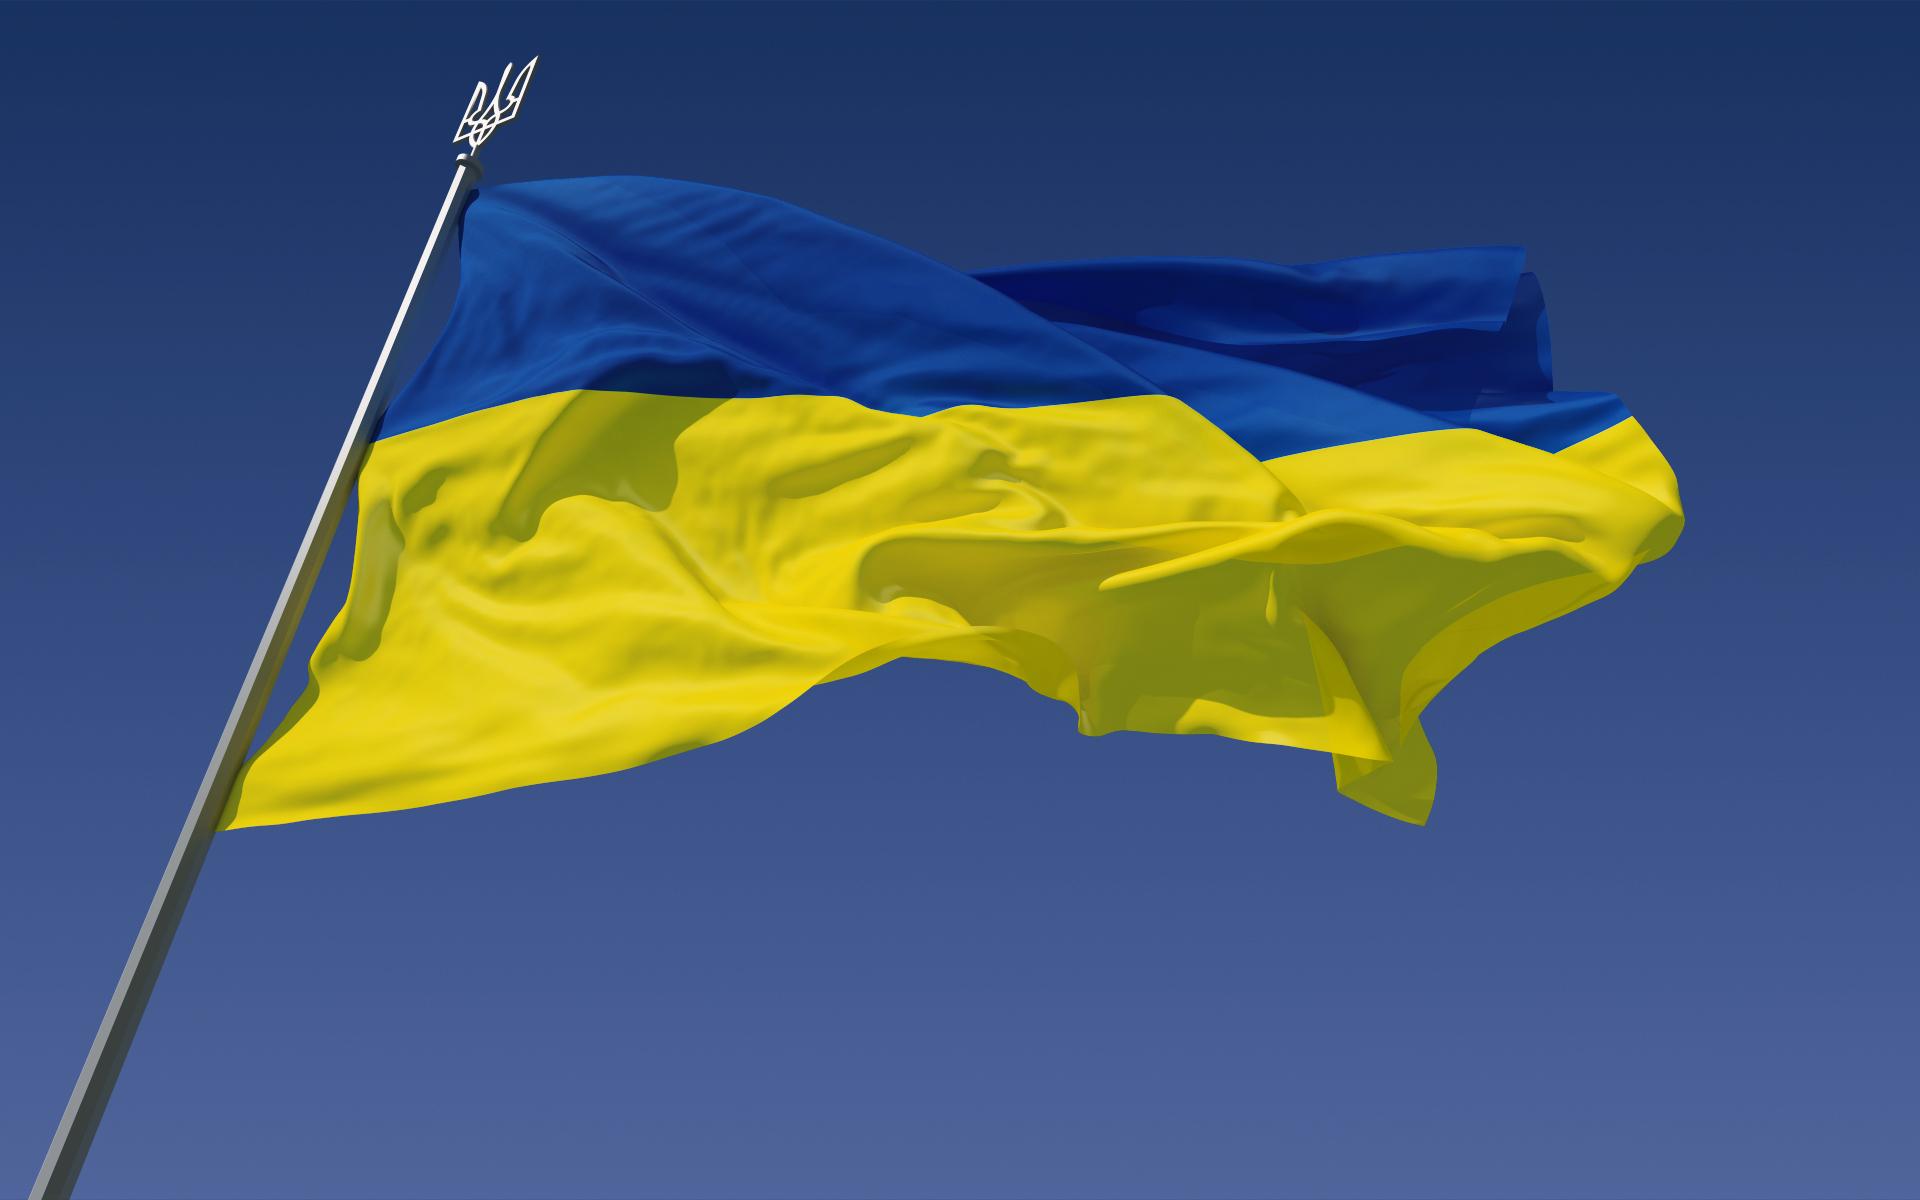 Квит: учителям сотрудничавших с ДНР и ЛНР грозят суд и тюремные сроки